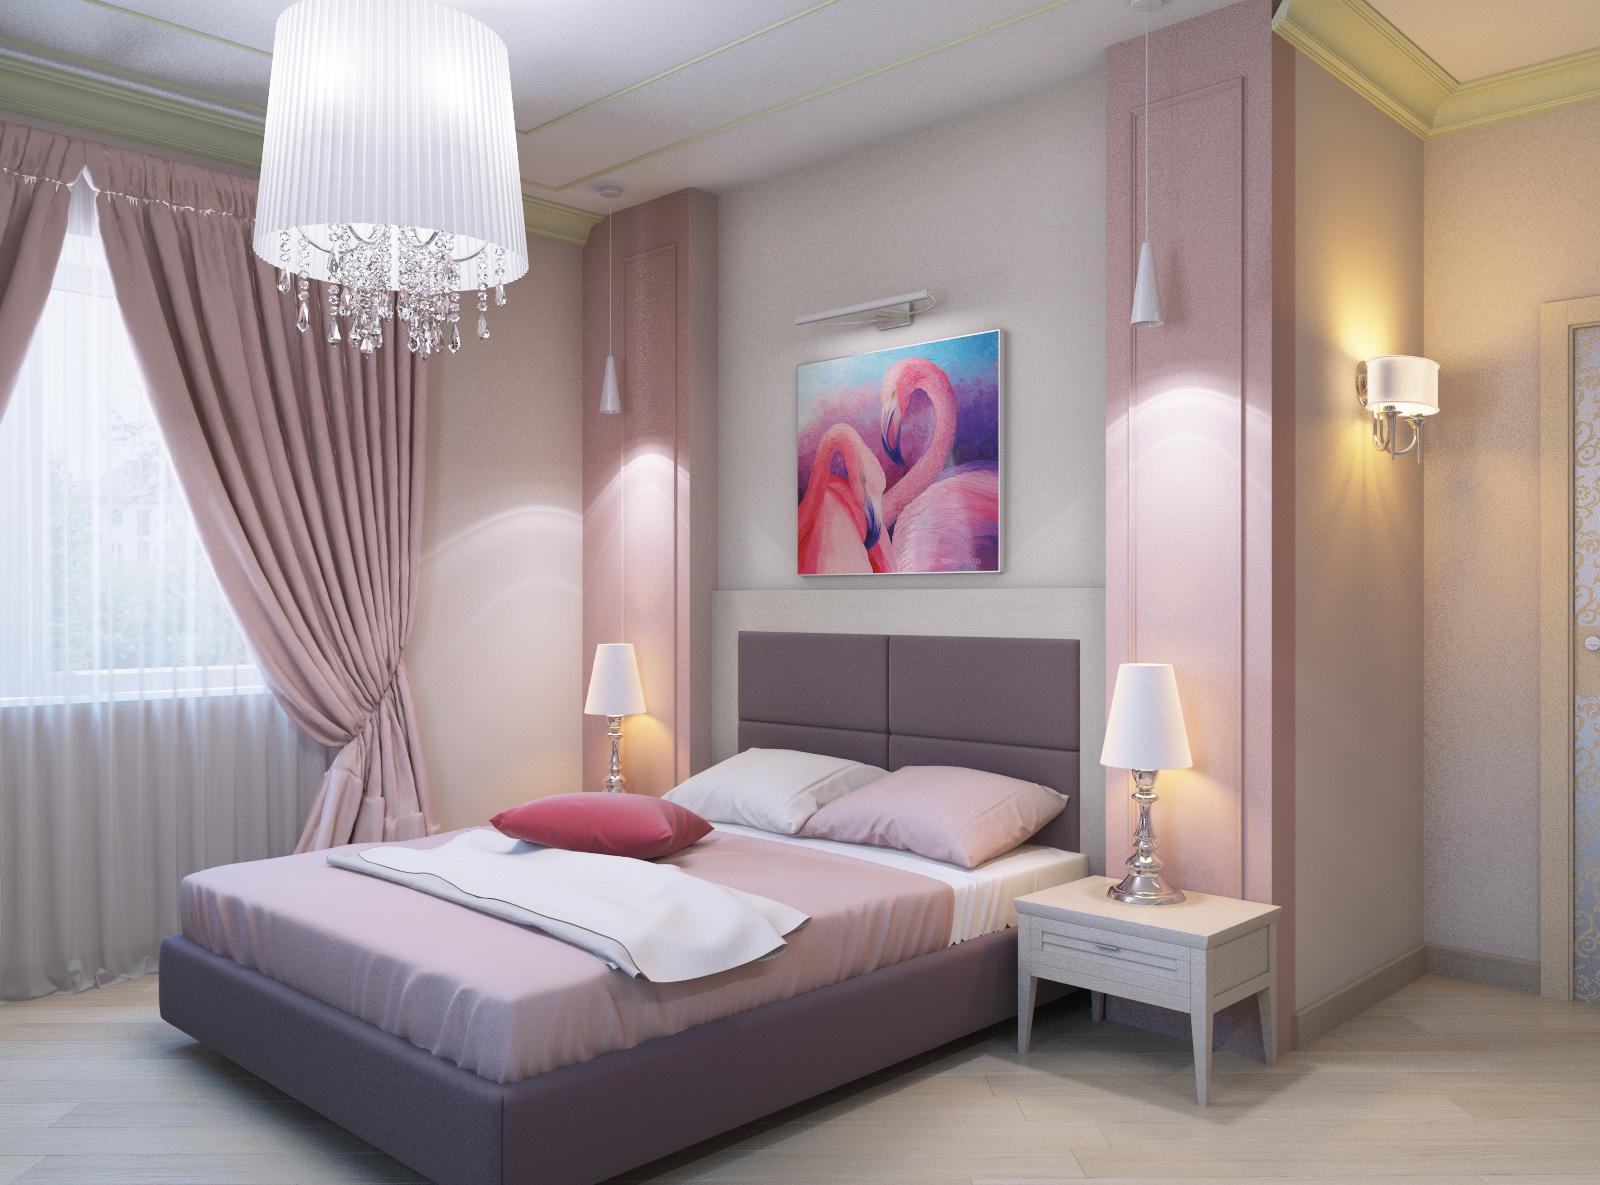 Плотные шторы и тюль в спальне в розовых тонах